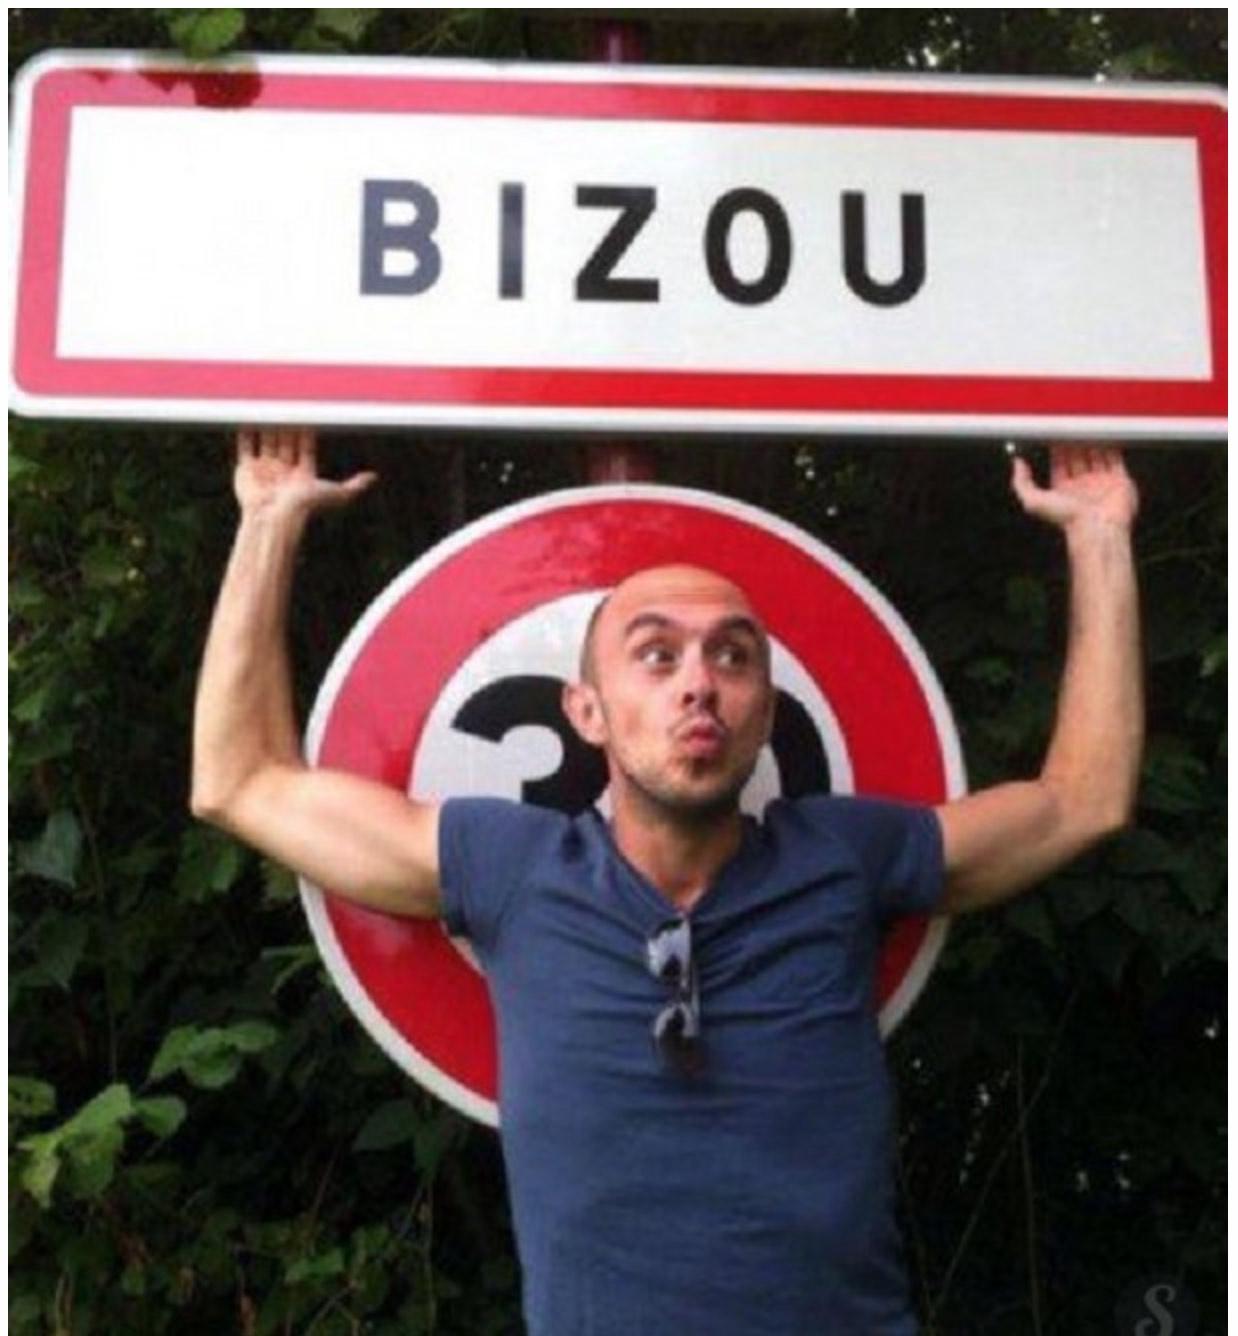 panneau_ville_bizou_orne